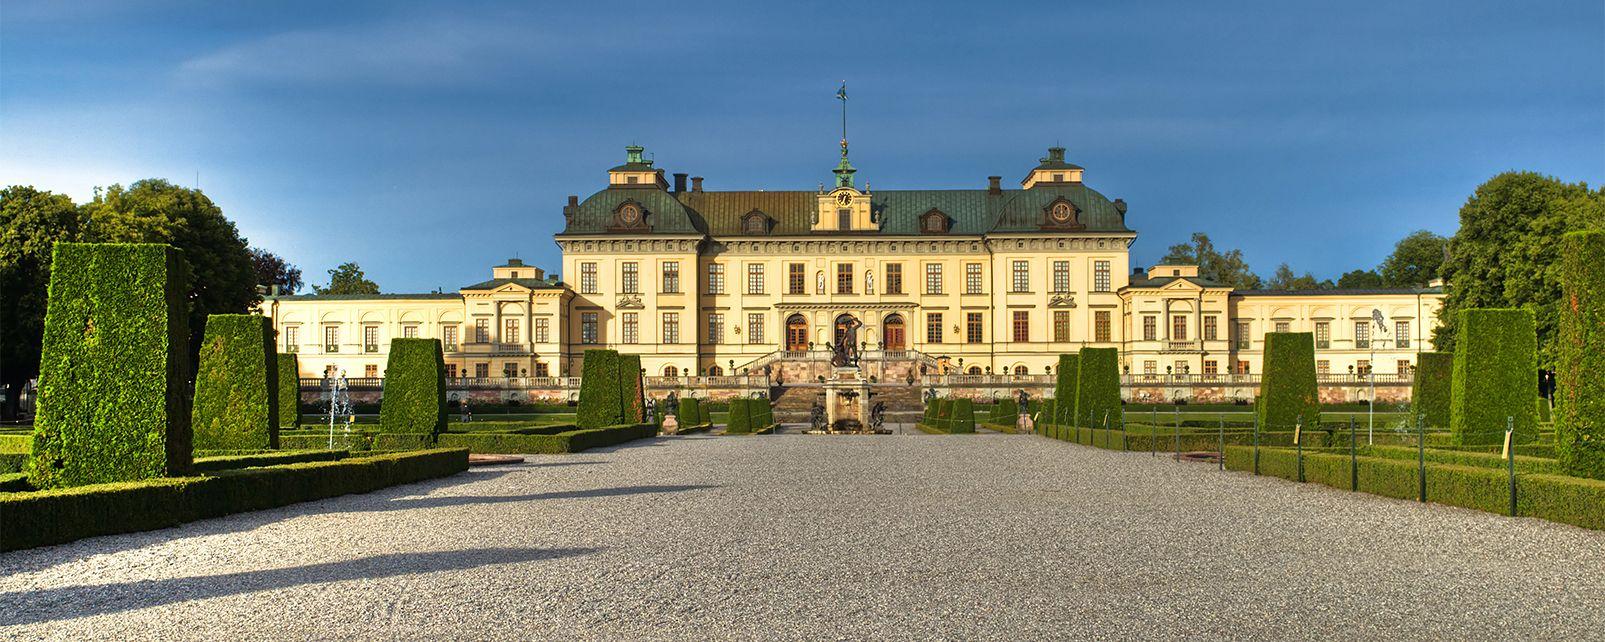 Le ch teau de drottningholm su de - Hotels de charme le treehotel en suede ...